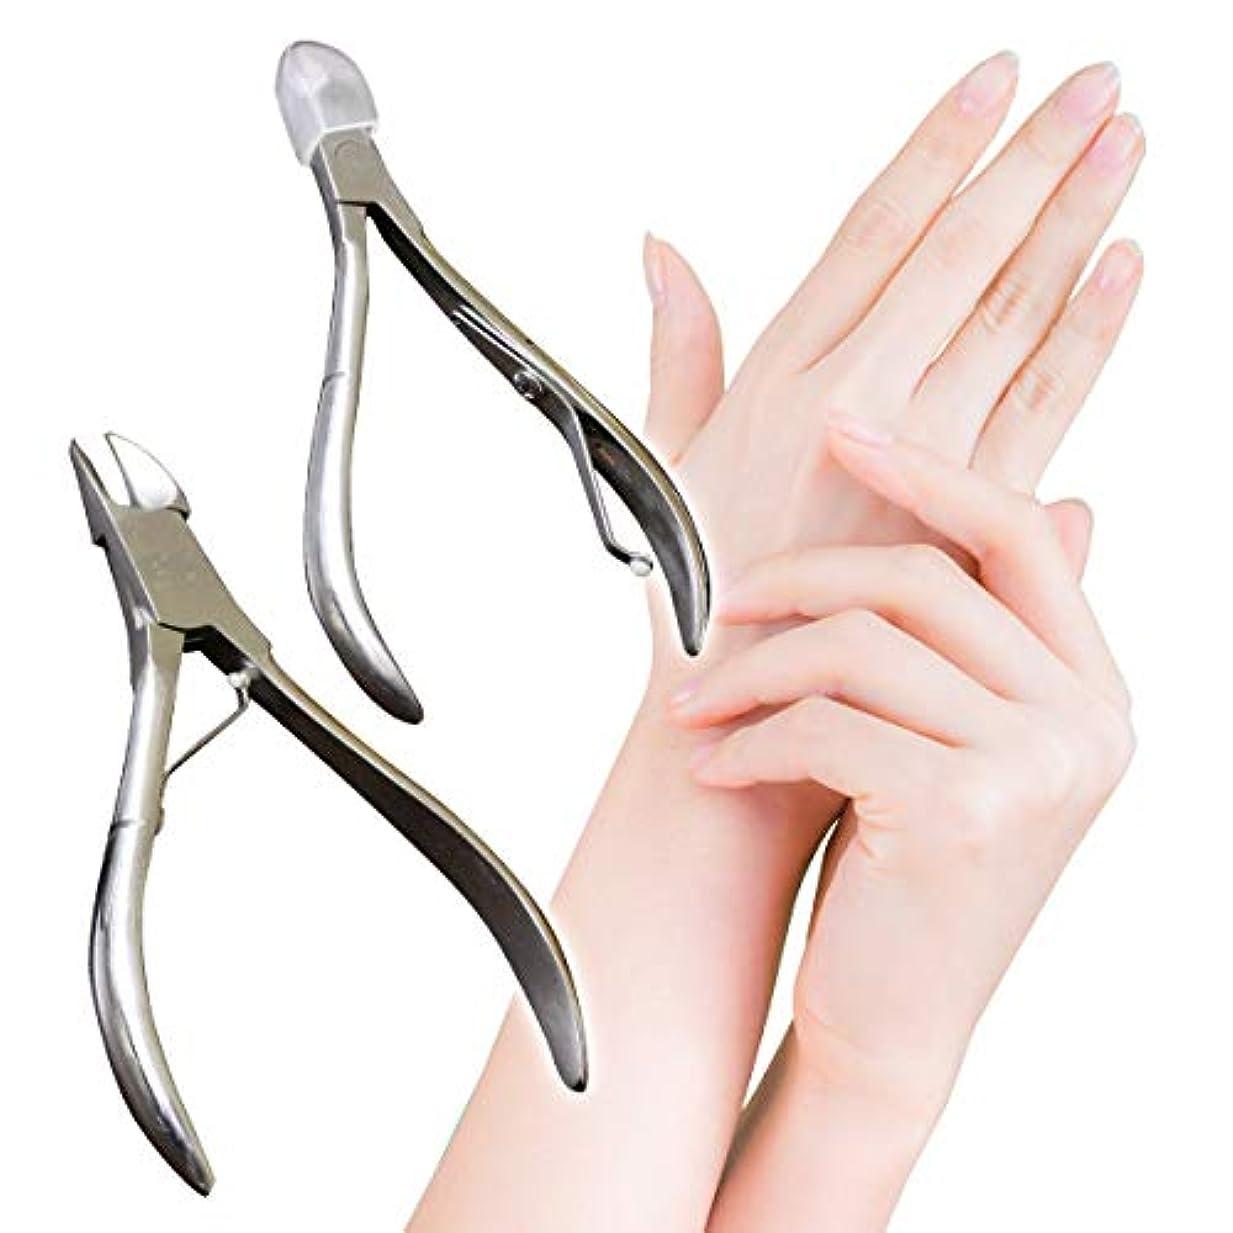 のために不一致海里「爪切り 大小2本セット」ネイルニッパー ステンレス製 割れ爪 巻き爪 陥入爪 2枚爪 厚い爪 足用 ささくれ 左右両用 ネイルケア 大小